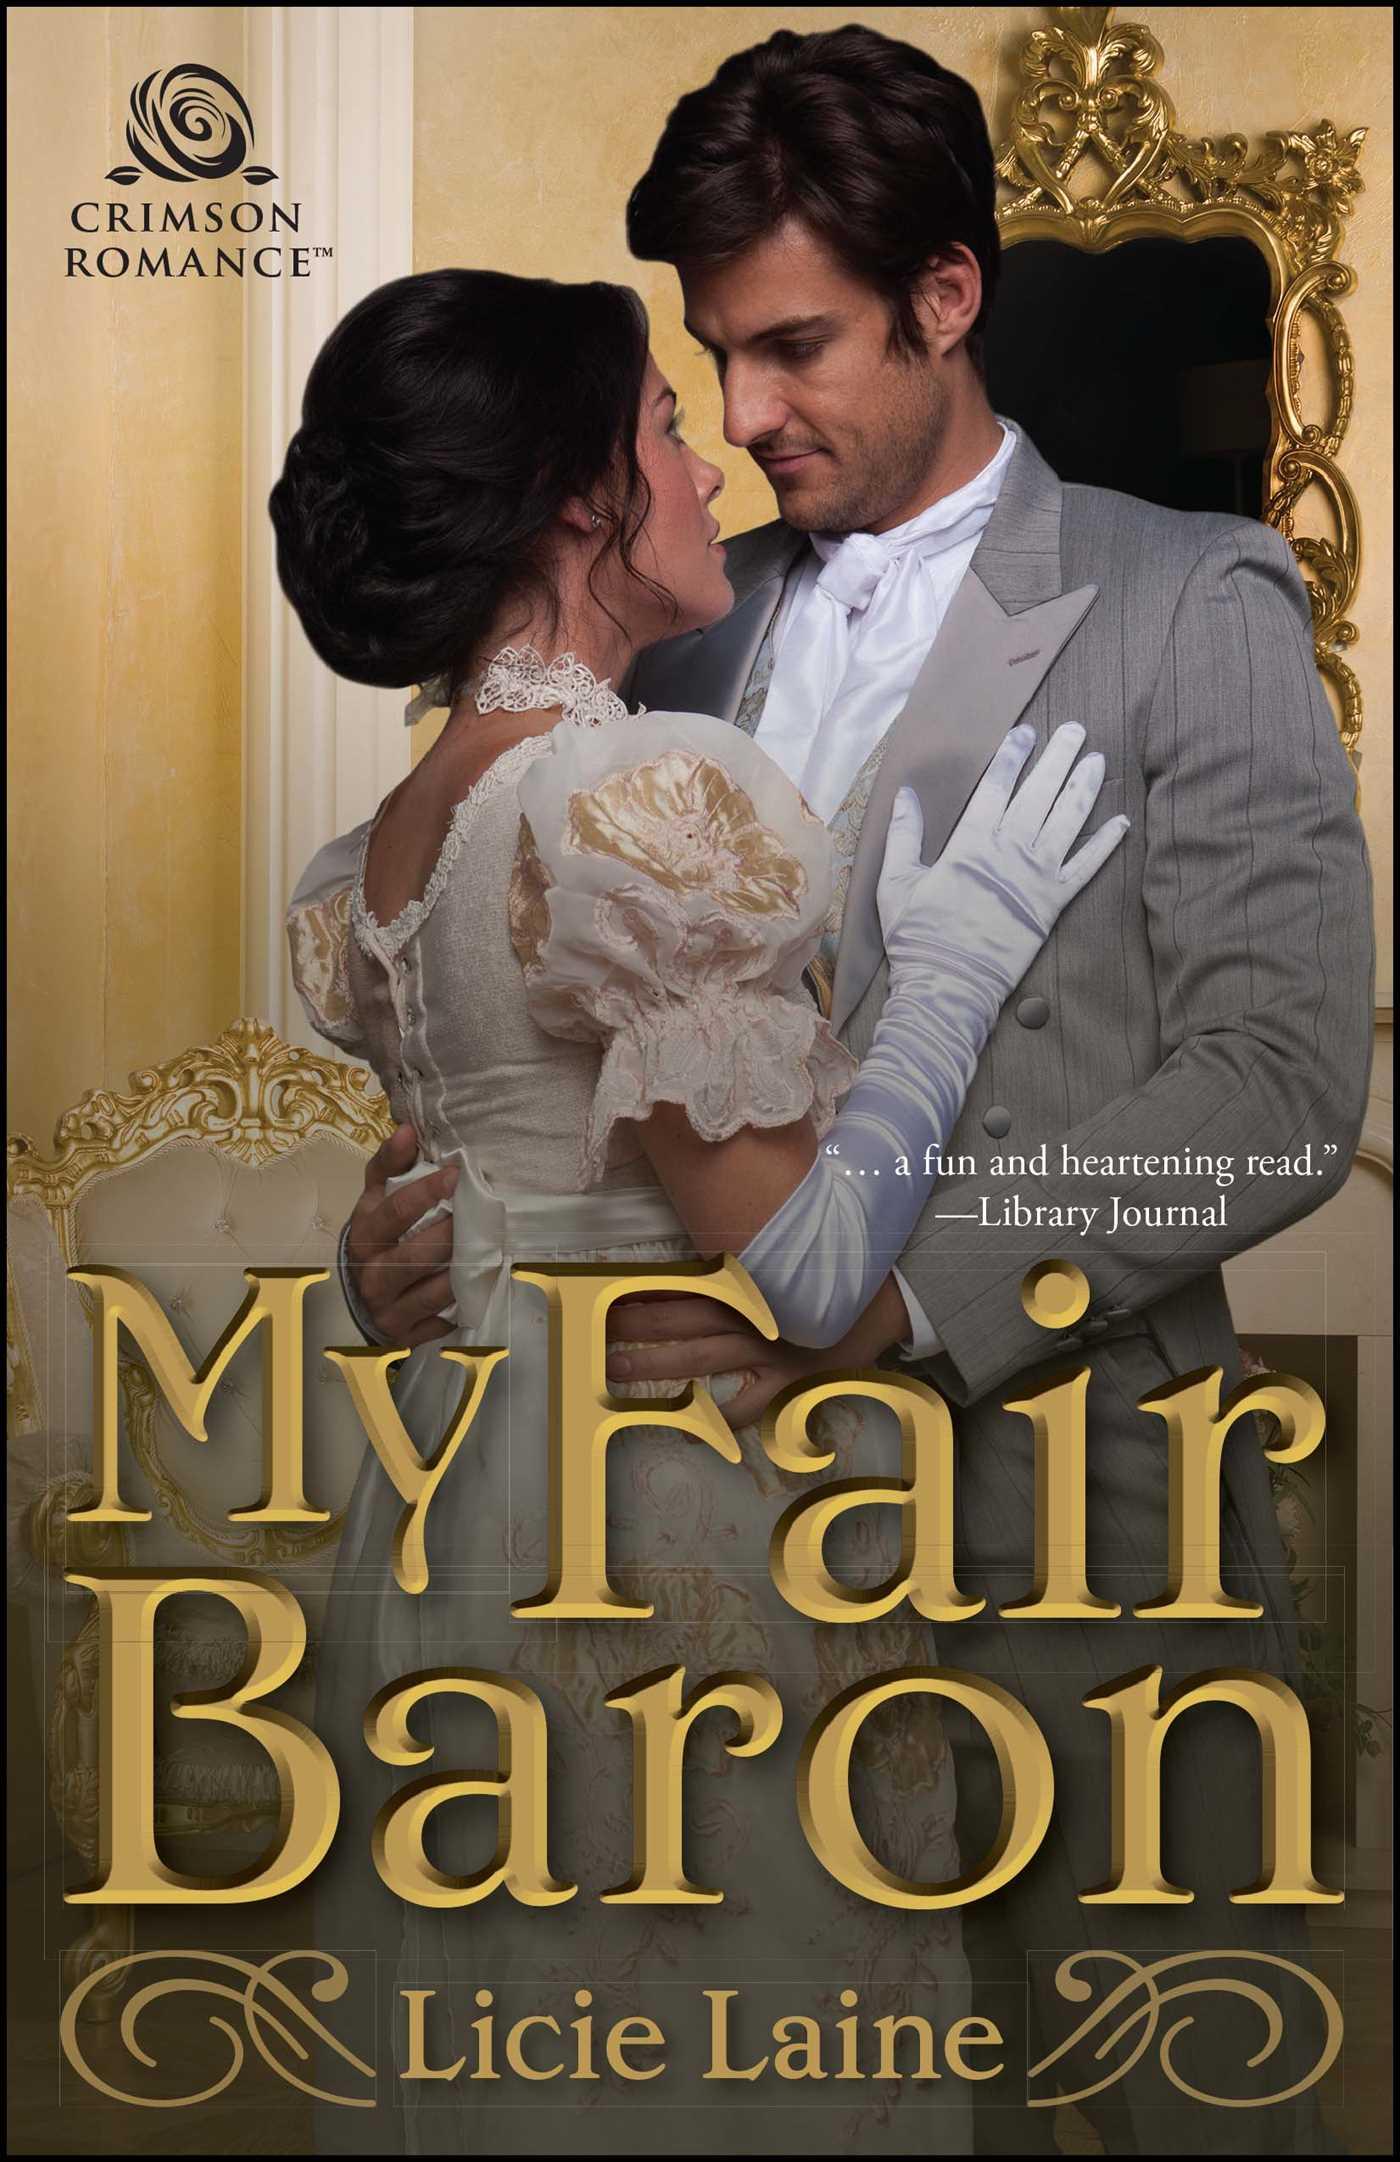 My fair baron 9781507207413 hr